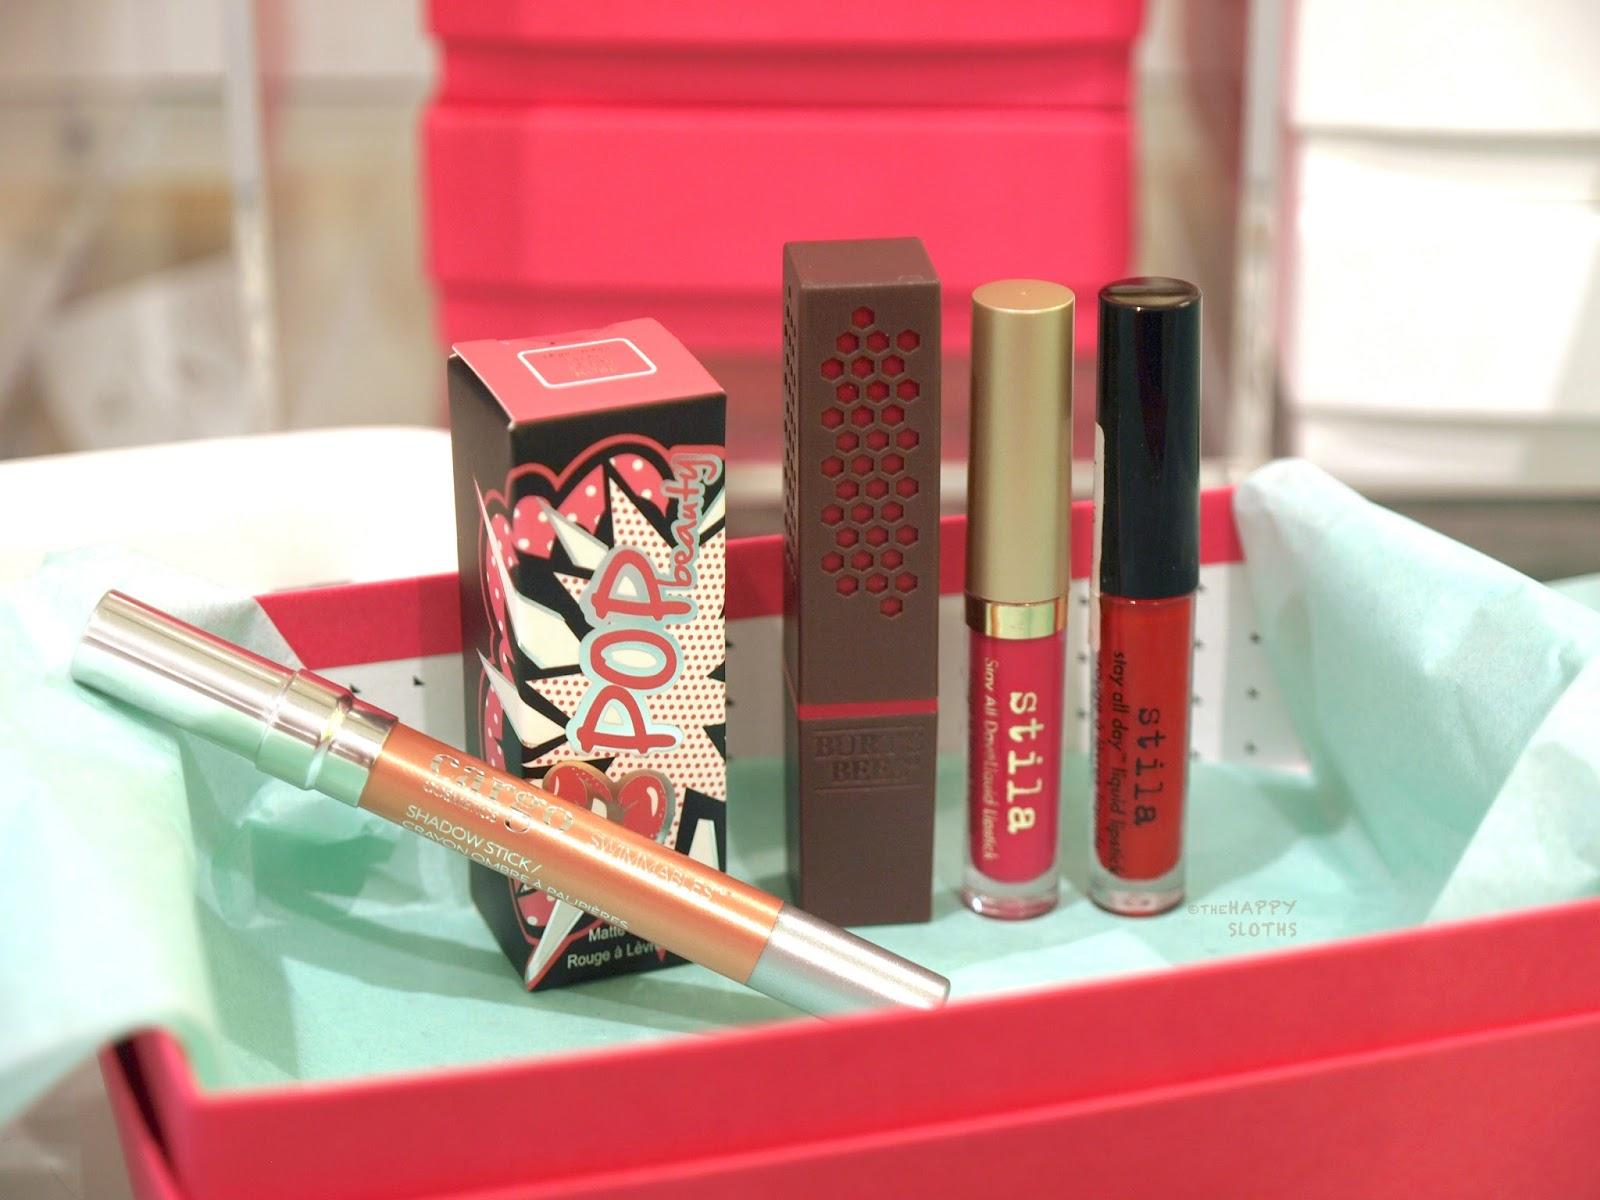 I Chose A Cargo Swimmables Shadow Stick, A Pop Beauty Matte Velvet Lipstick,  A Burtu0027s Bees Lipstick, ...